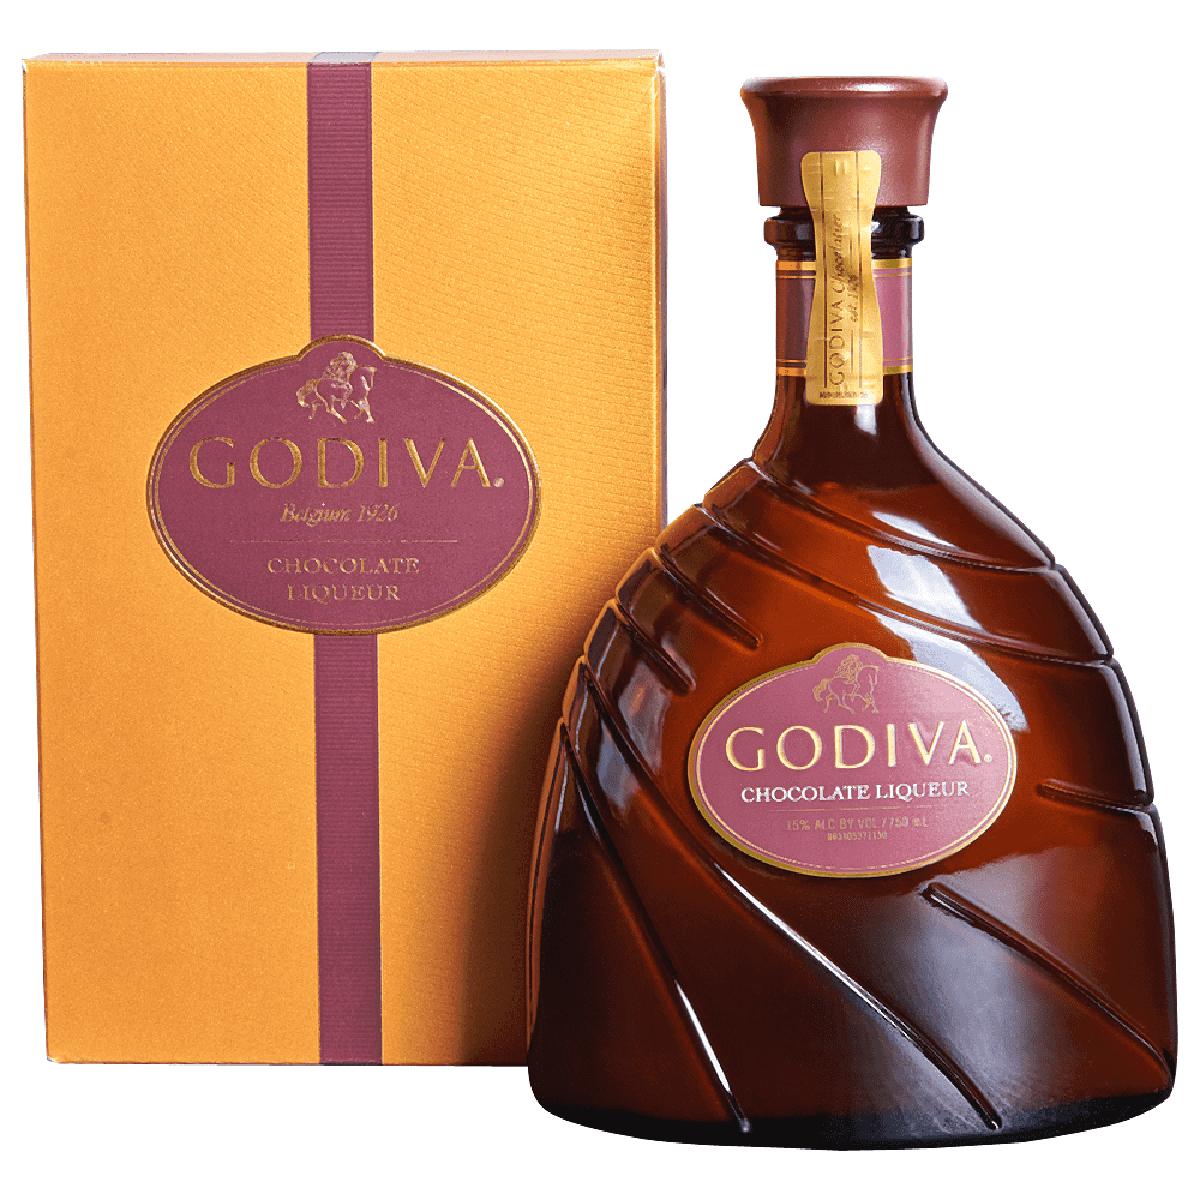 Godiva Chocolate Liqueur - 750ML